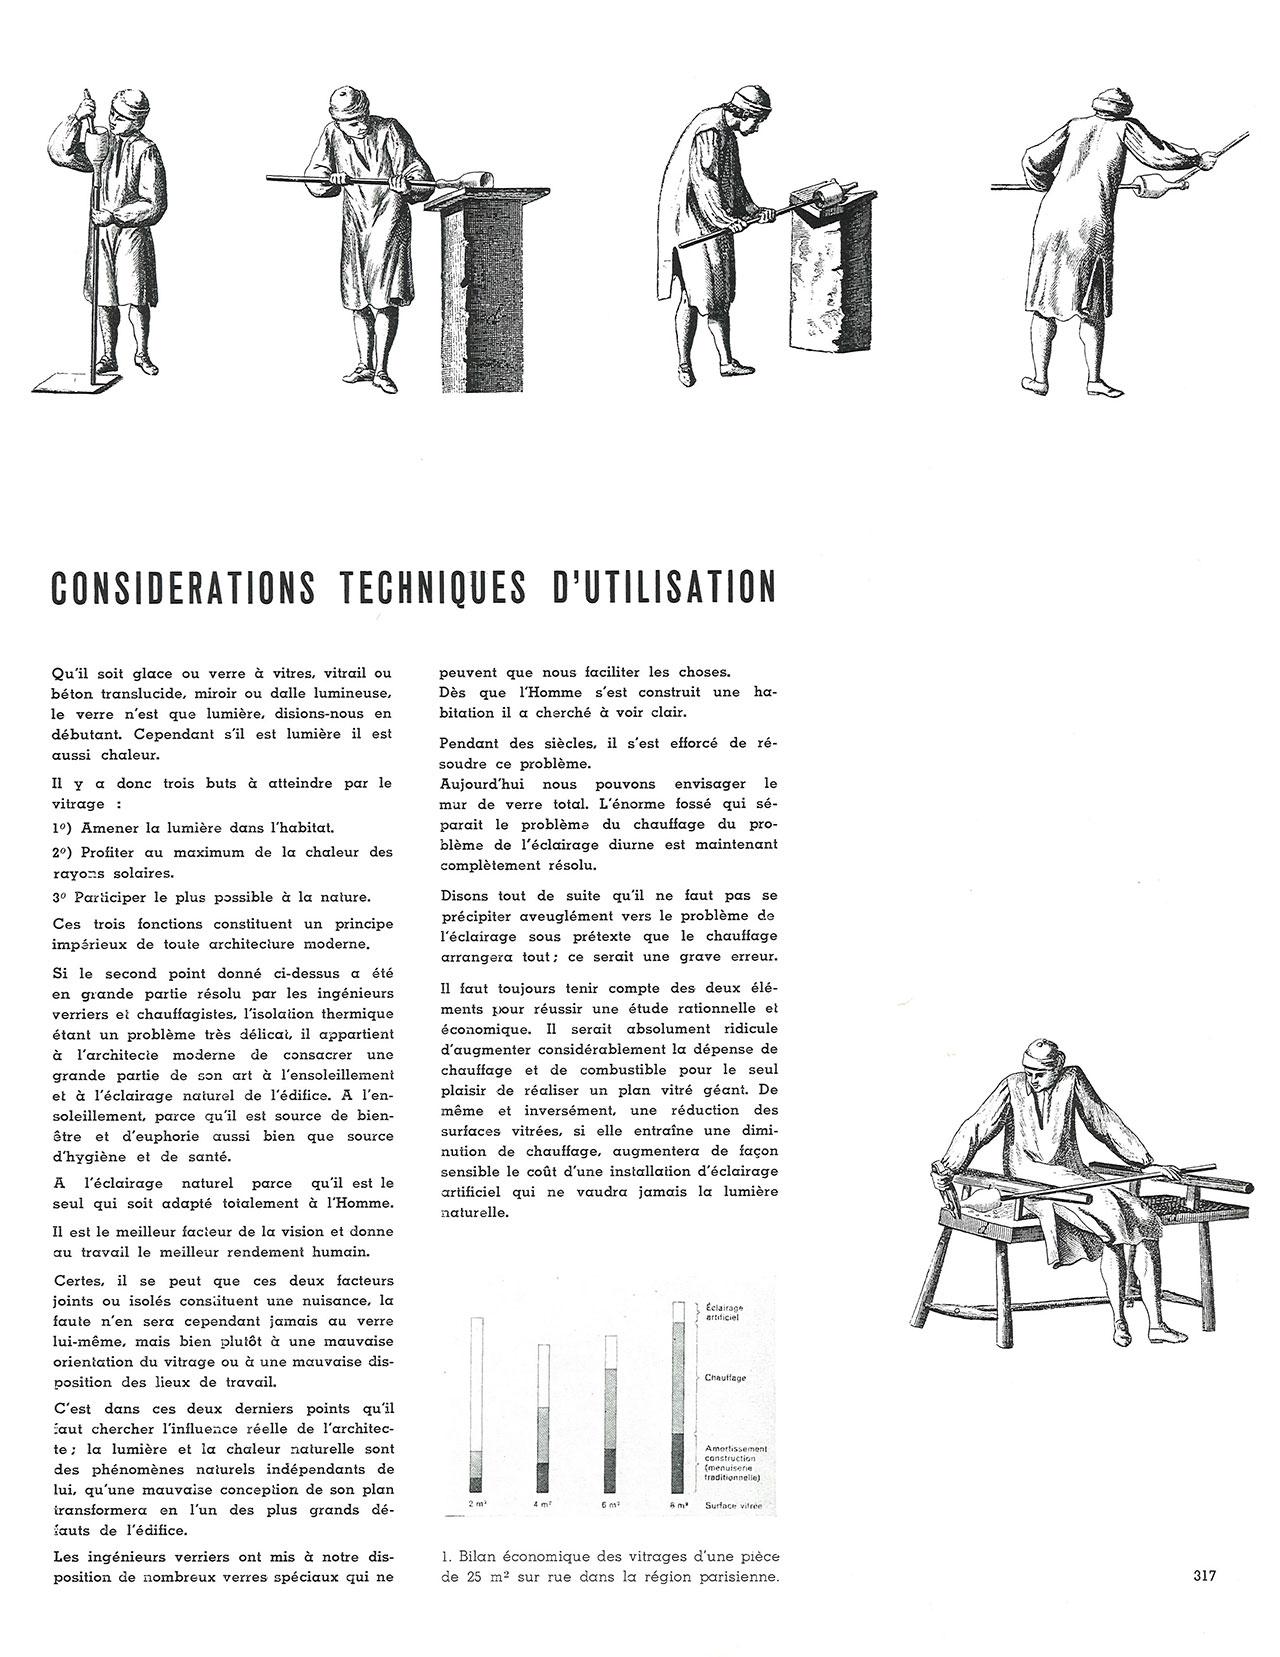 Considérations techniques d'utilisation